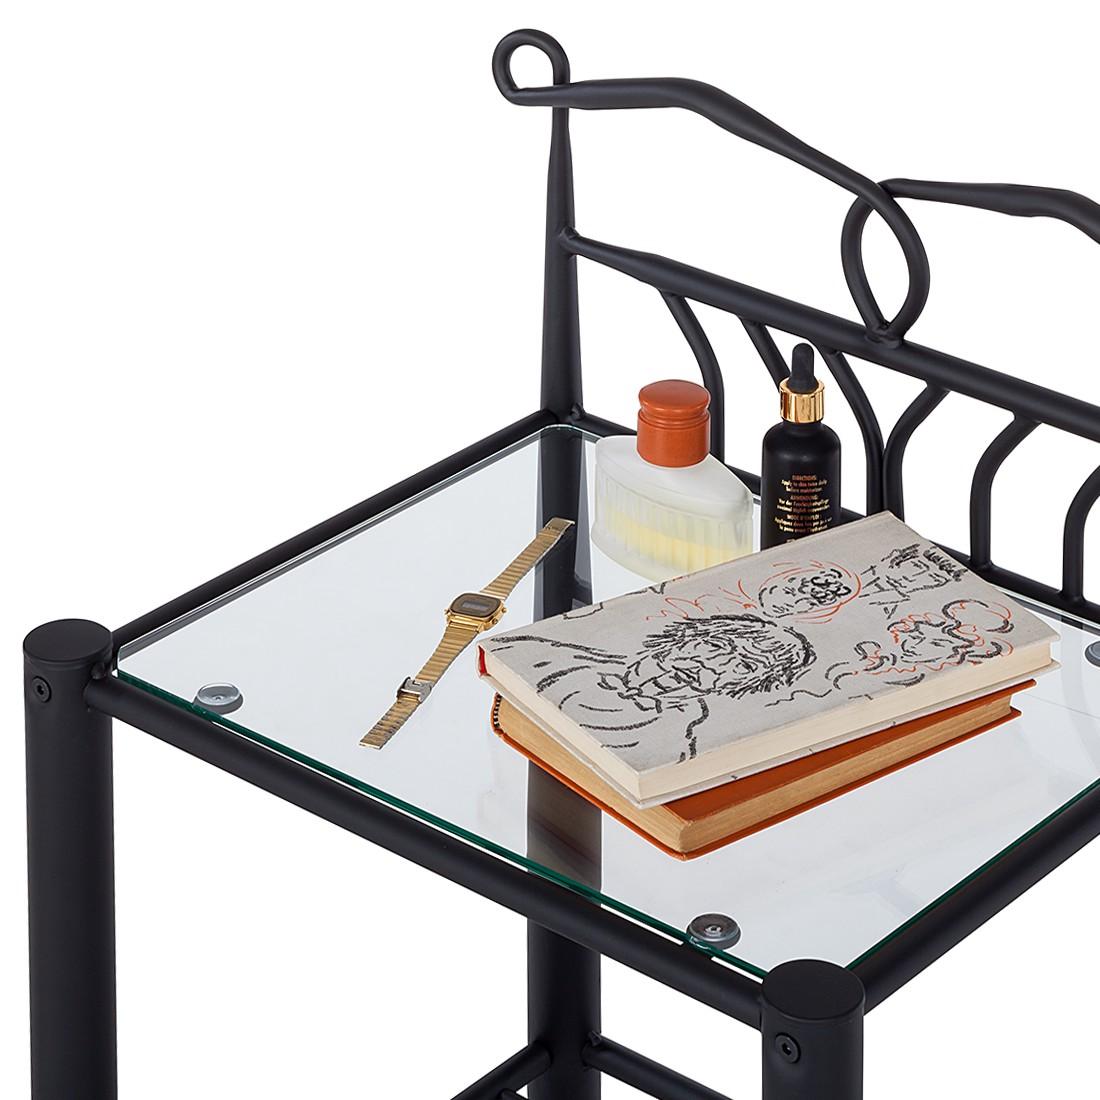 metall nachttisch schwarz finest nachttisch comer with metall nachttisch schwarz interesting. Black Bedroom Furniture Sets. Home Design Ideas